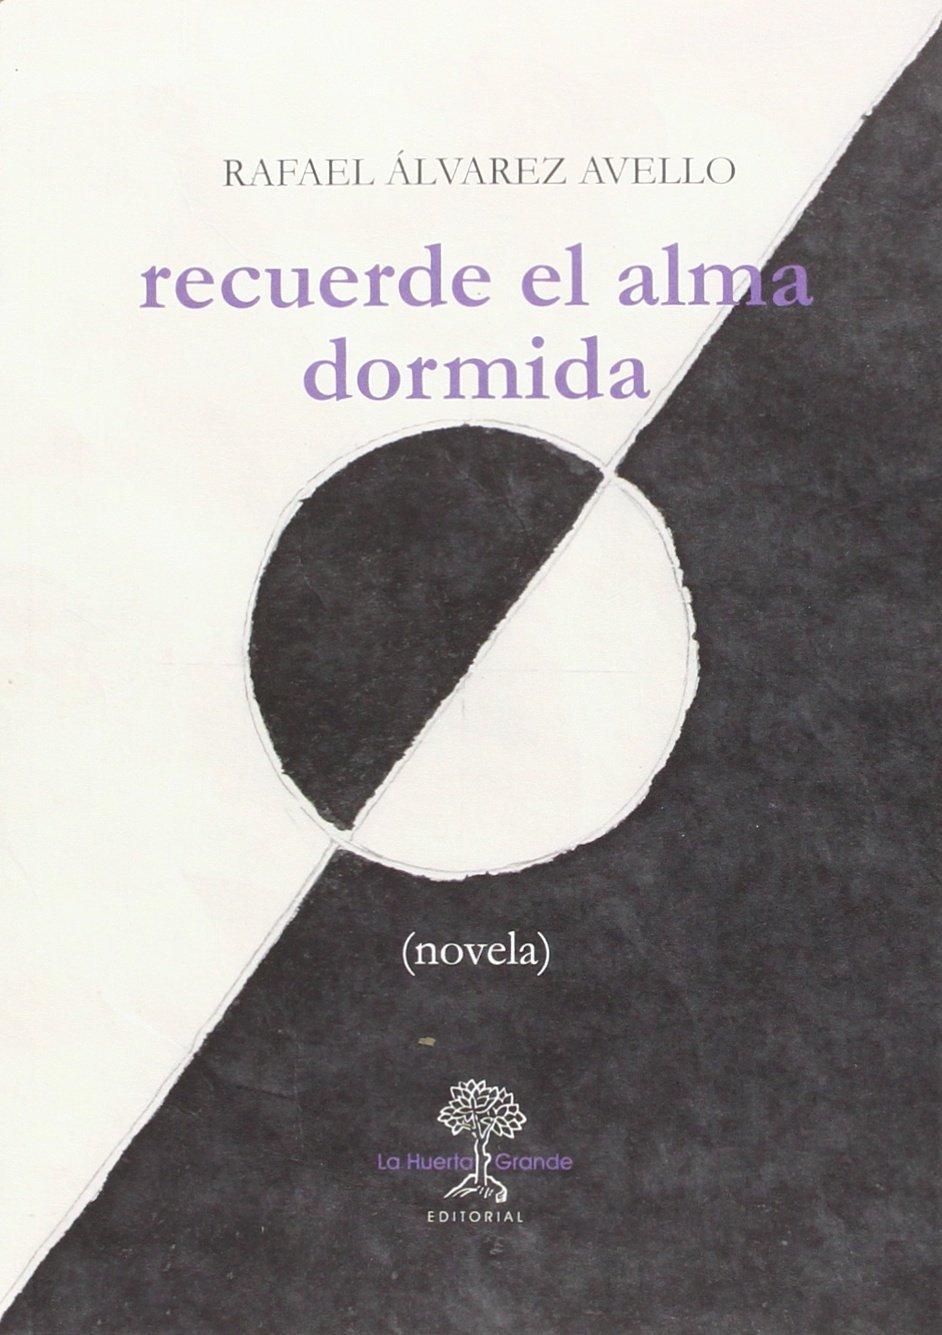 RECUERDE EL ALMA DORMIDA - Rafael Álvarez Avello